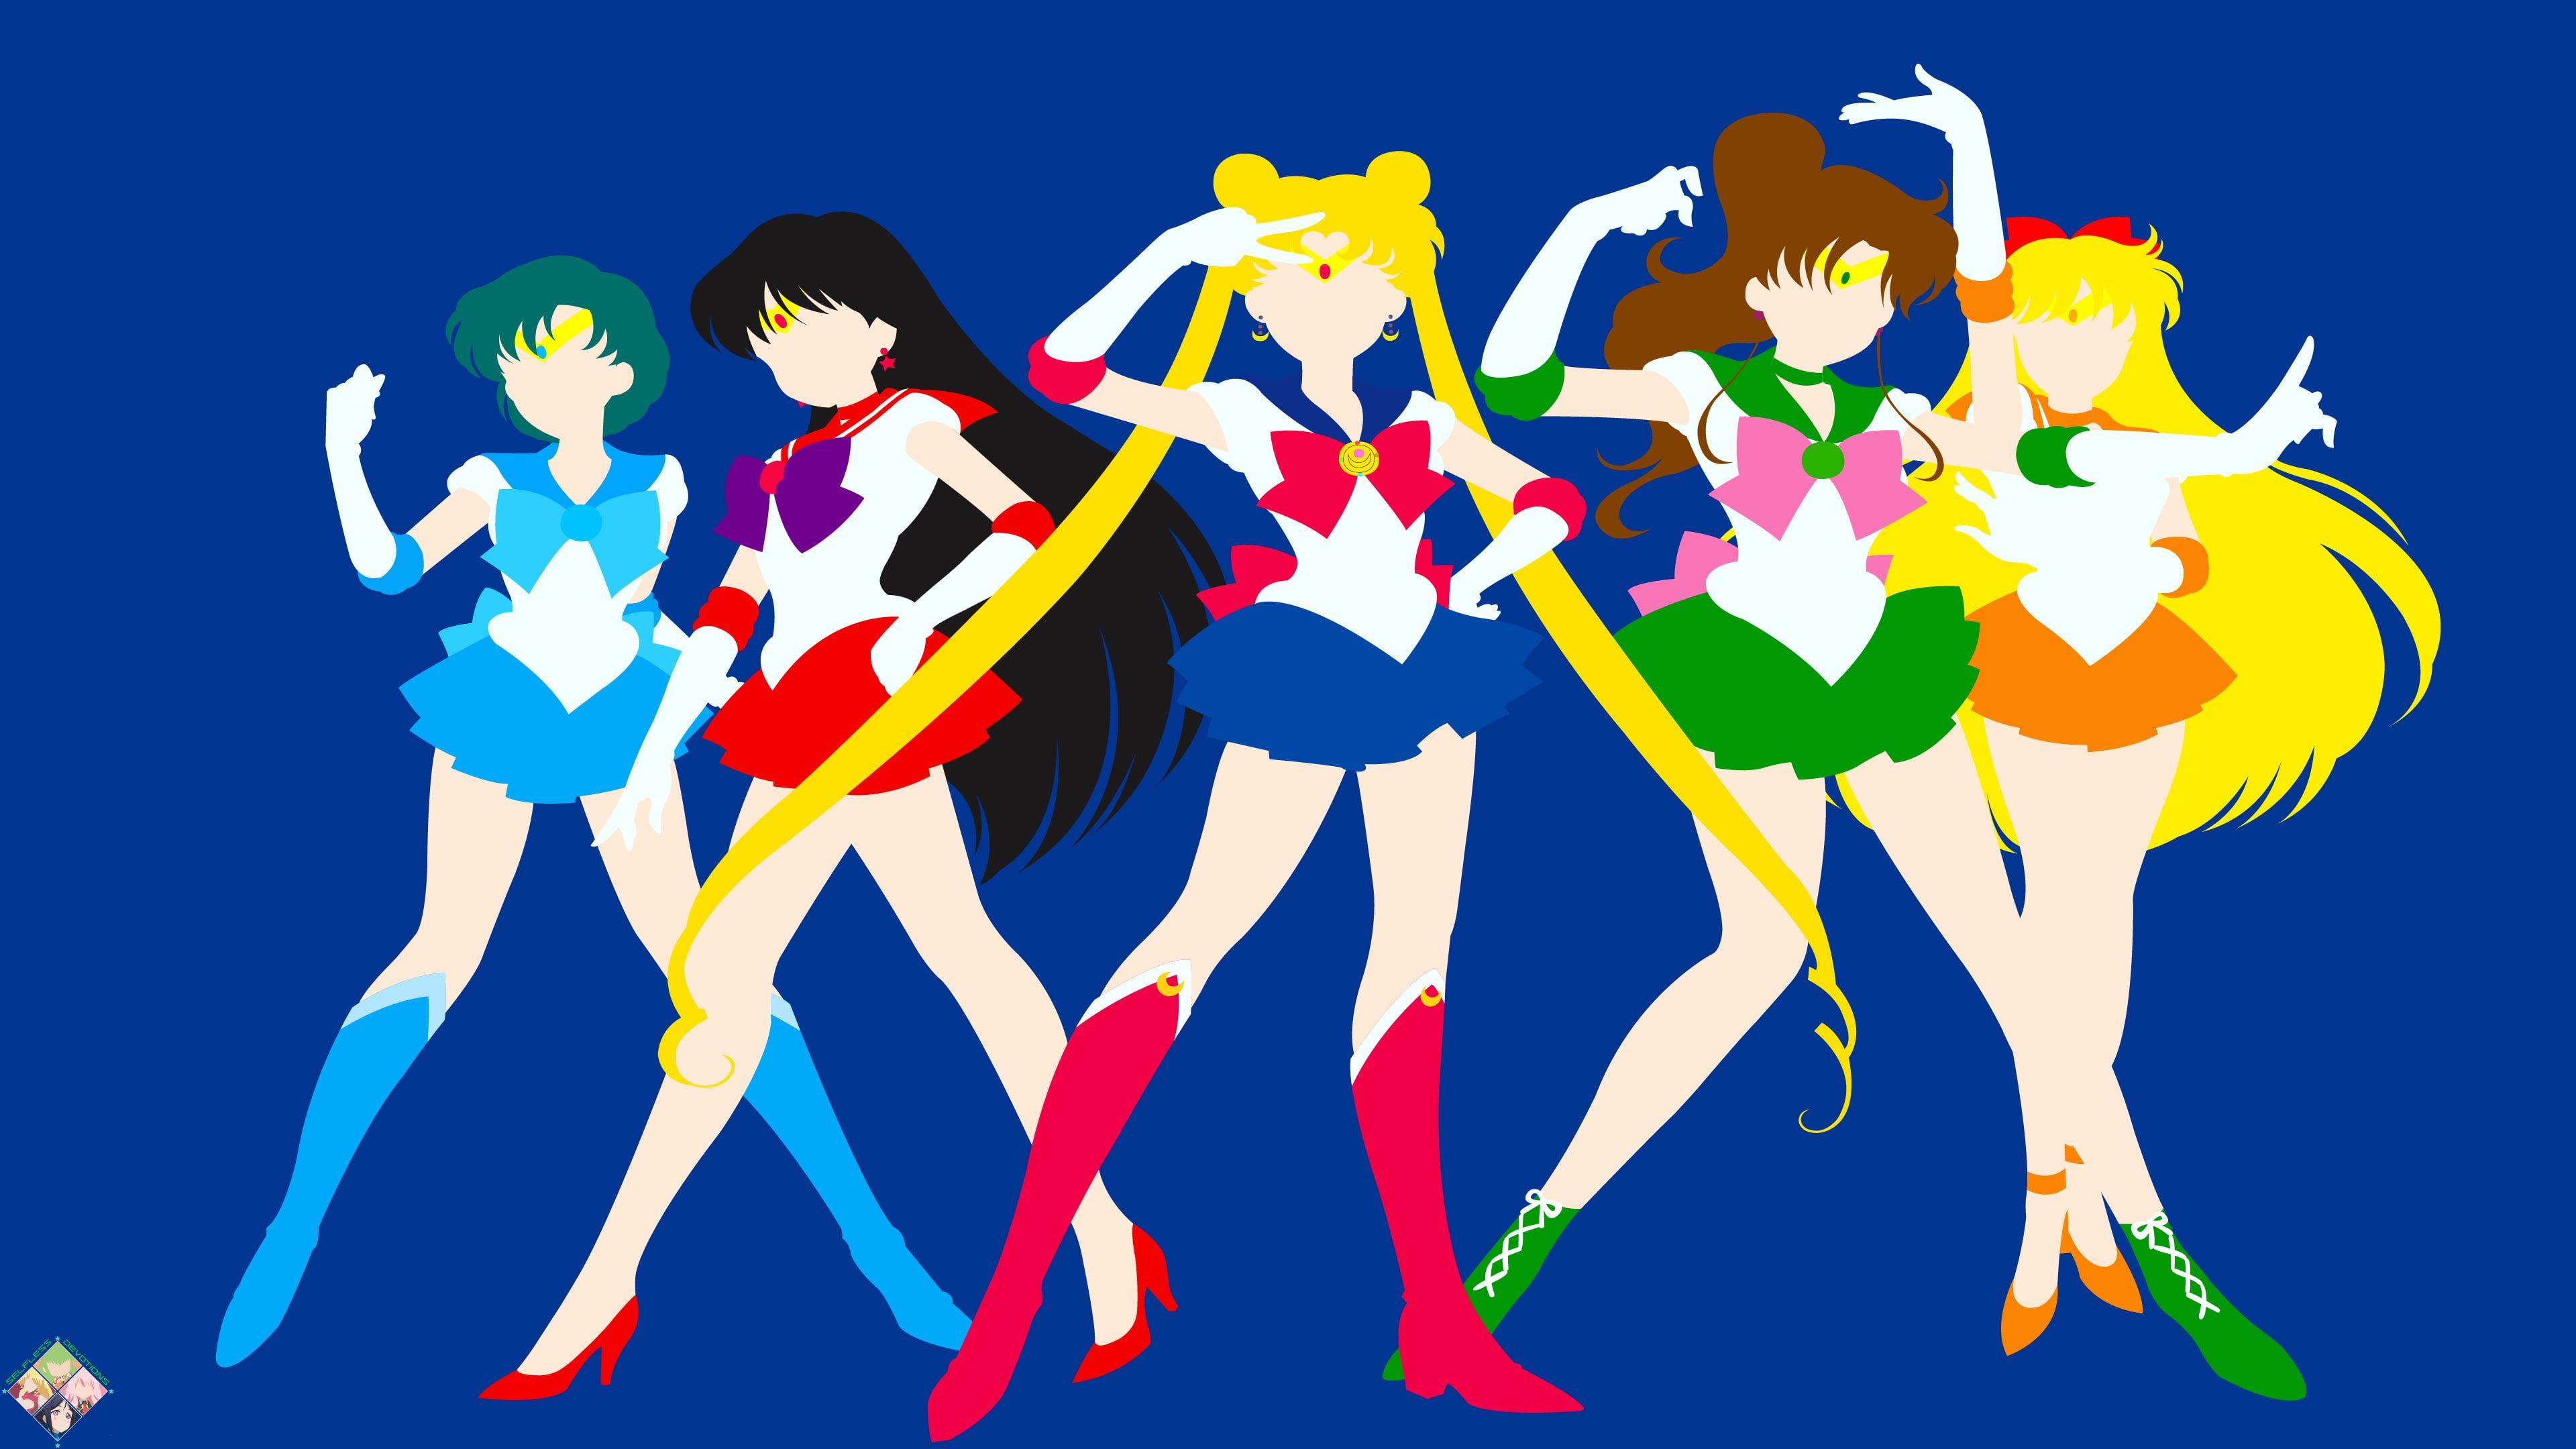 Sailor Moon Sailor Jupiter Sailor Mars Sailor Mercury Sailor Venus Sailor Moon Sailor Moon Wallpaper Watch Sailor Moon